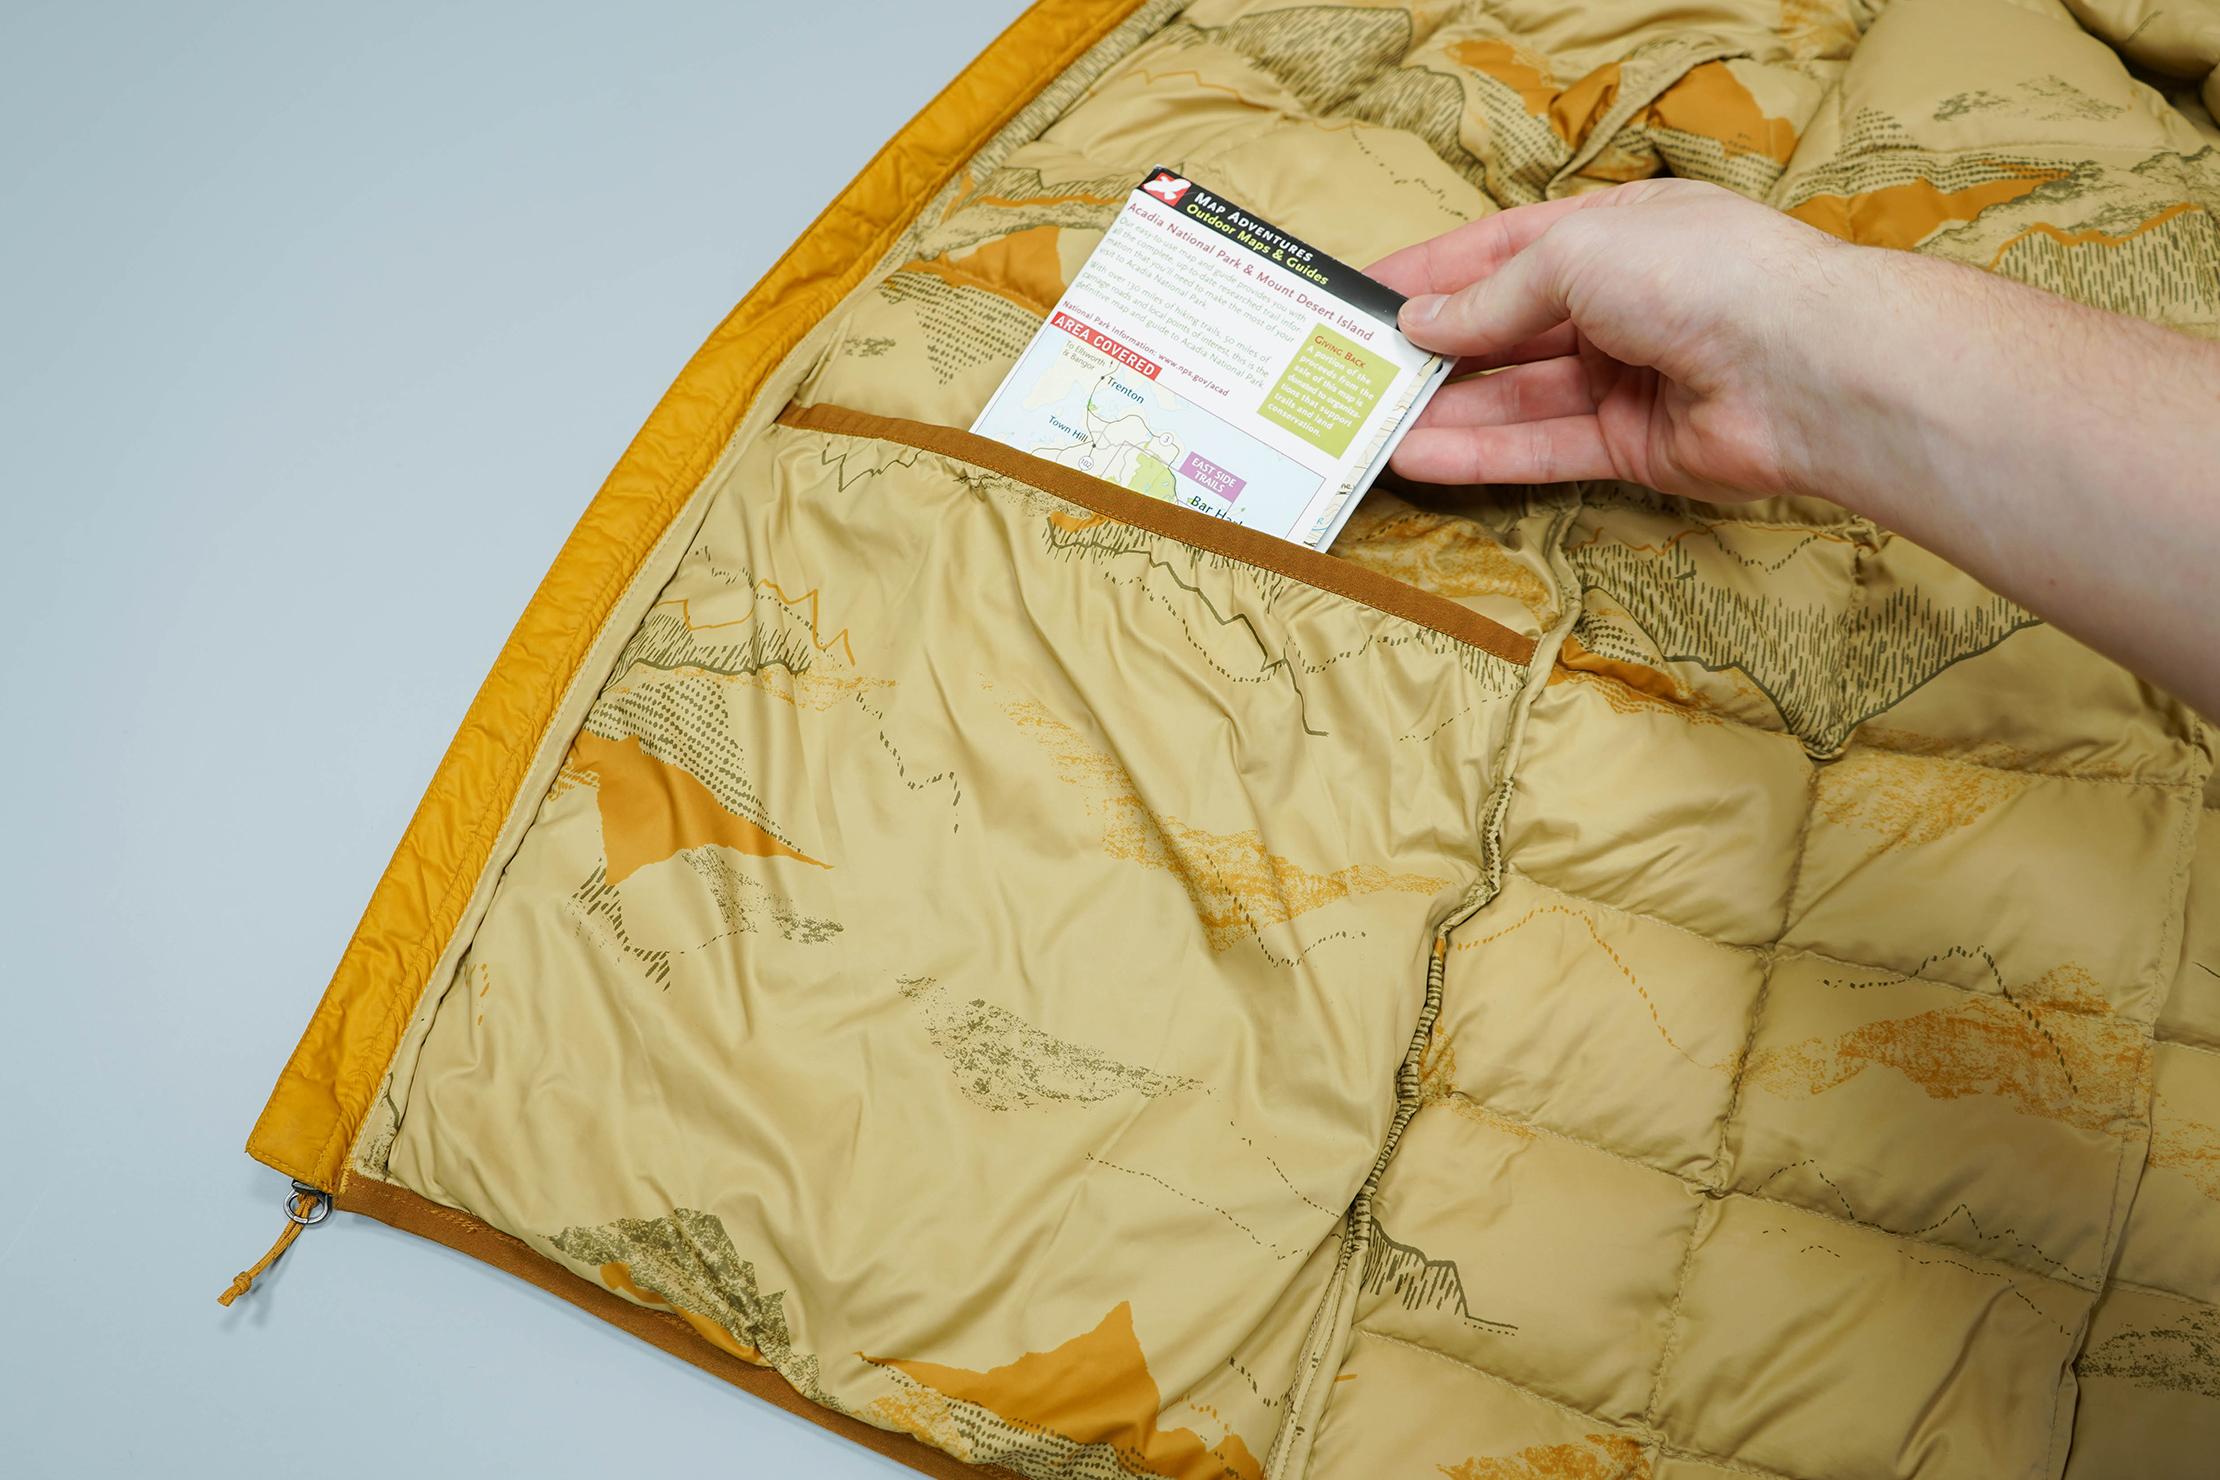 REI 650 Down Jacket 2.0 Inside Pocket